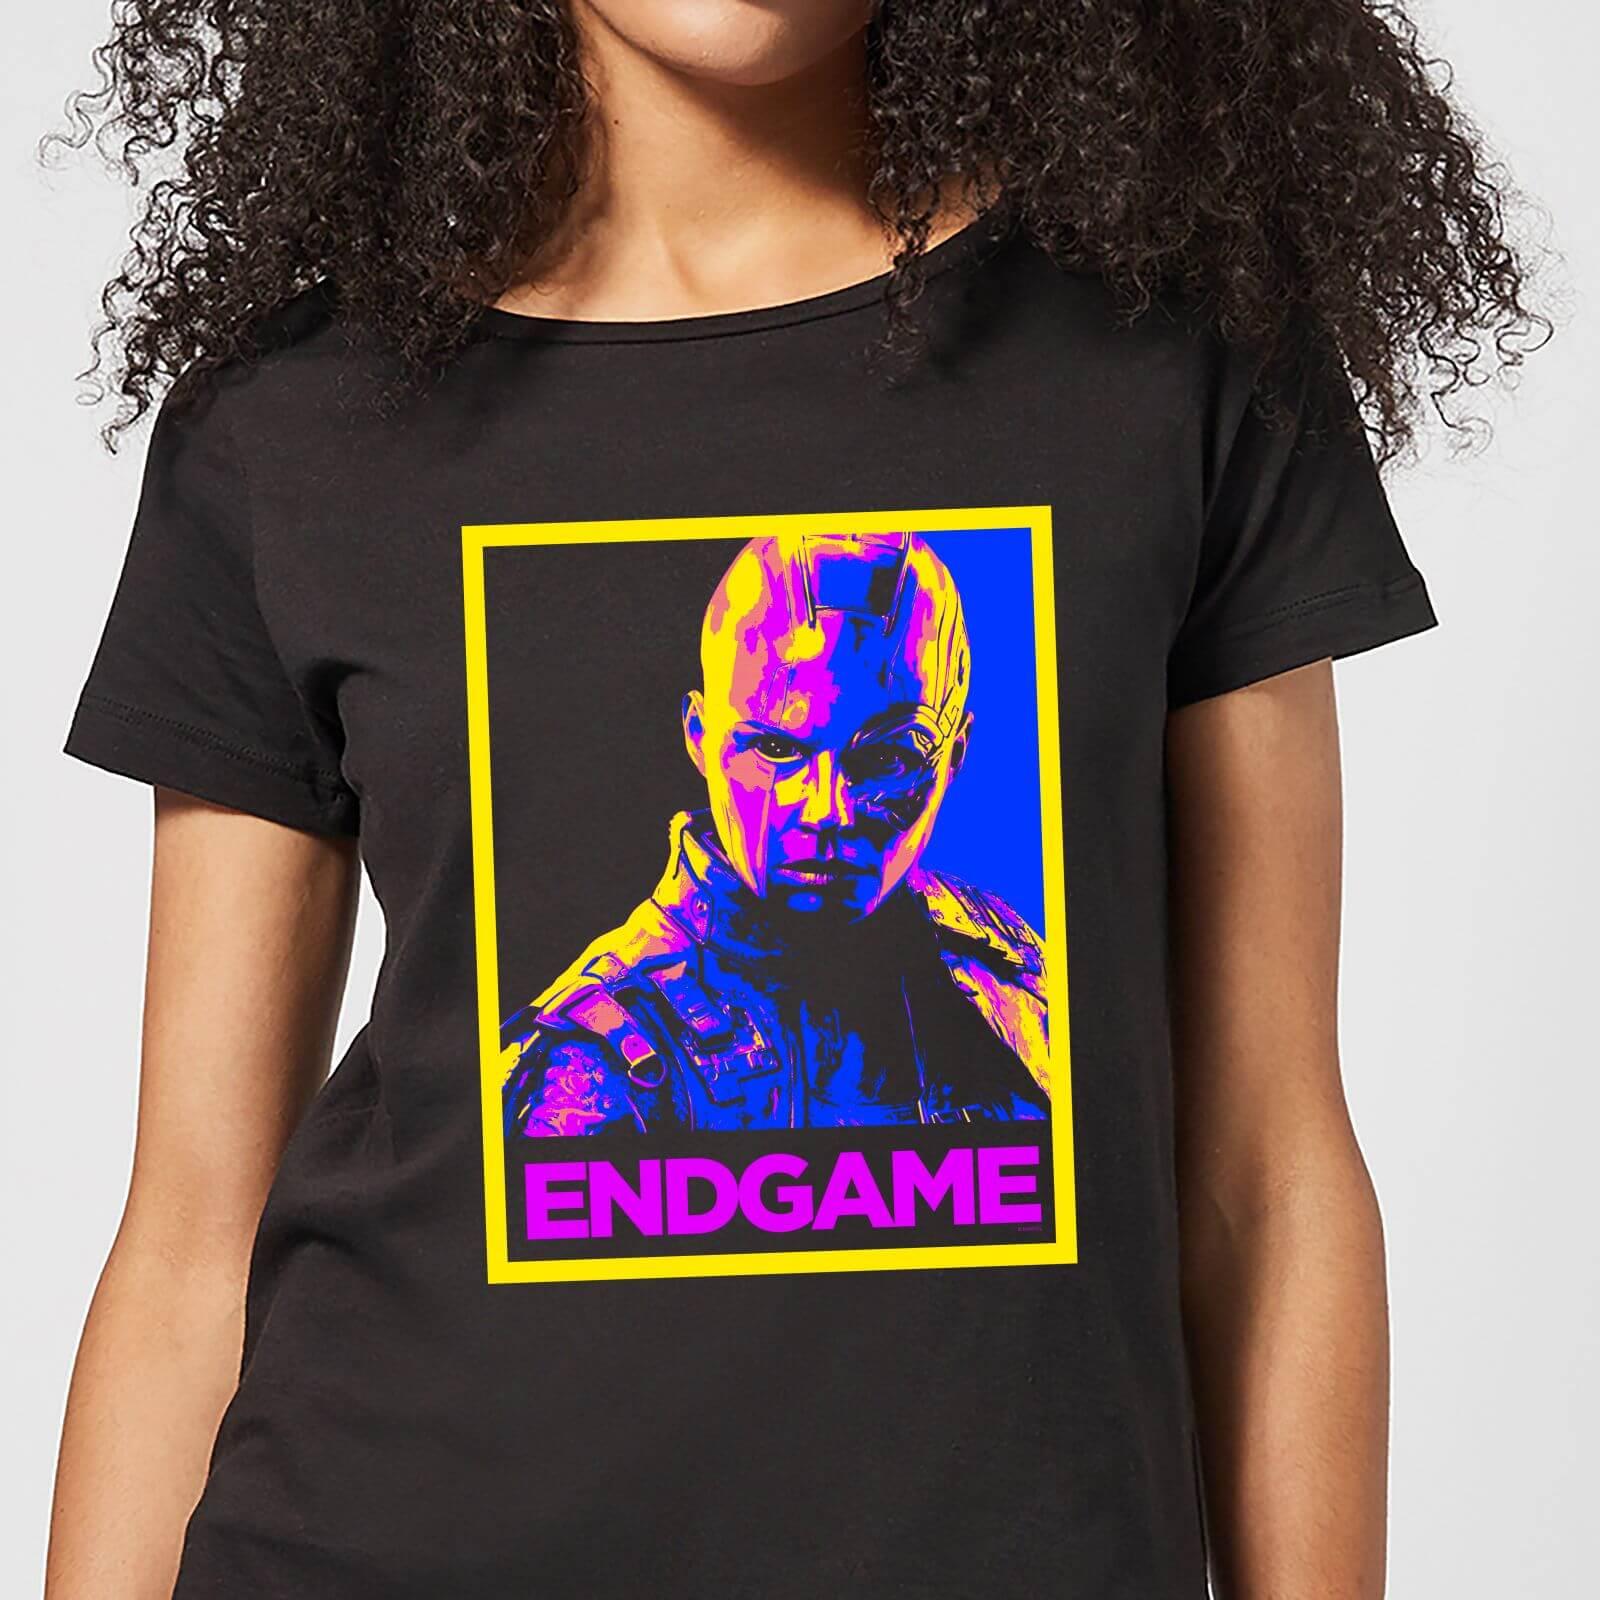 Marvel Avengers Endgame Nebula Poster Women's T-Shirt - Black - S - Black